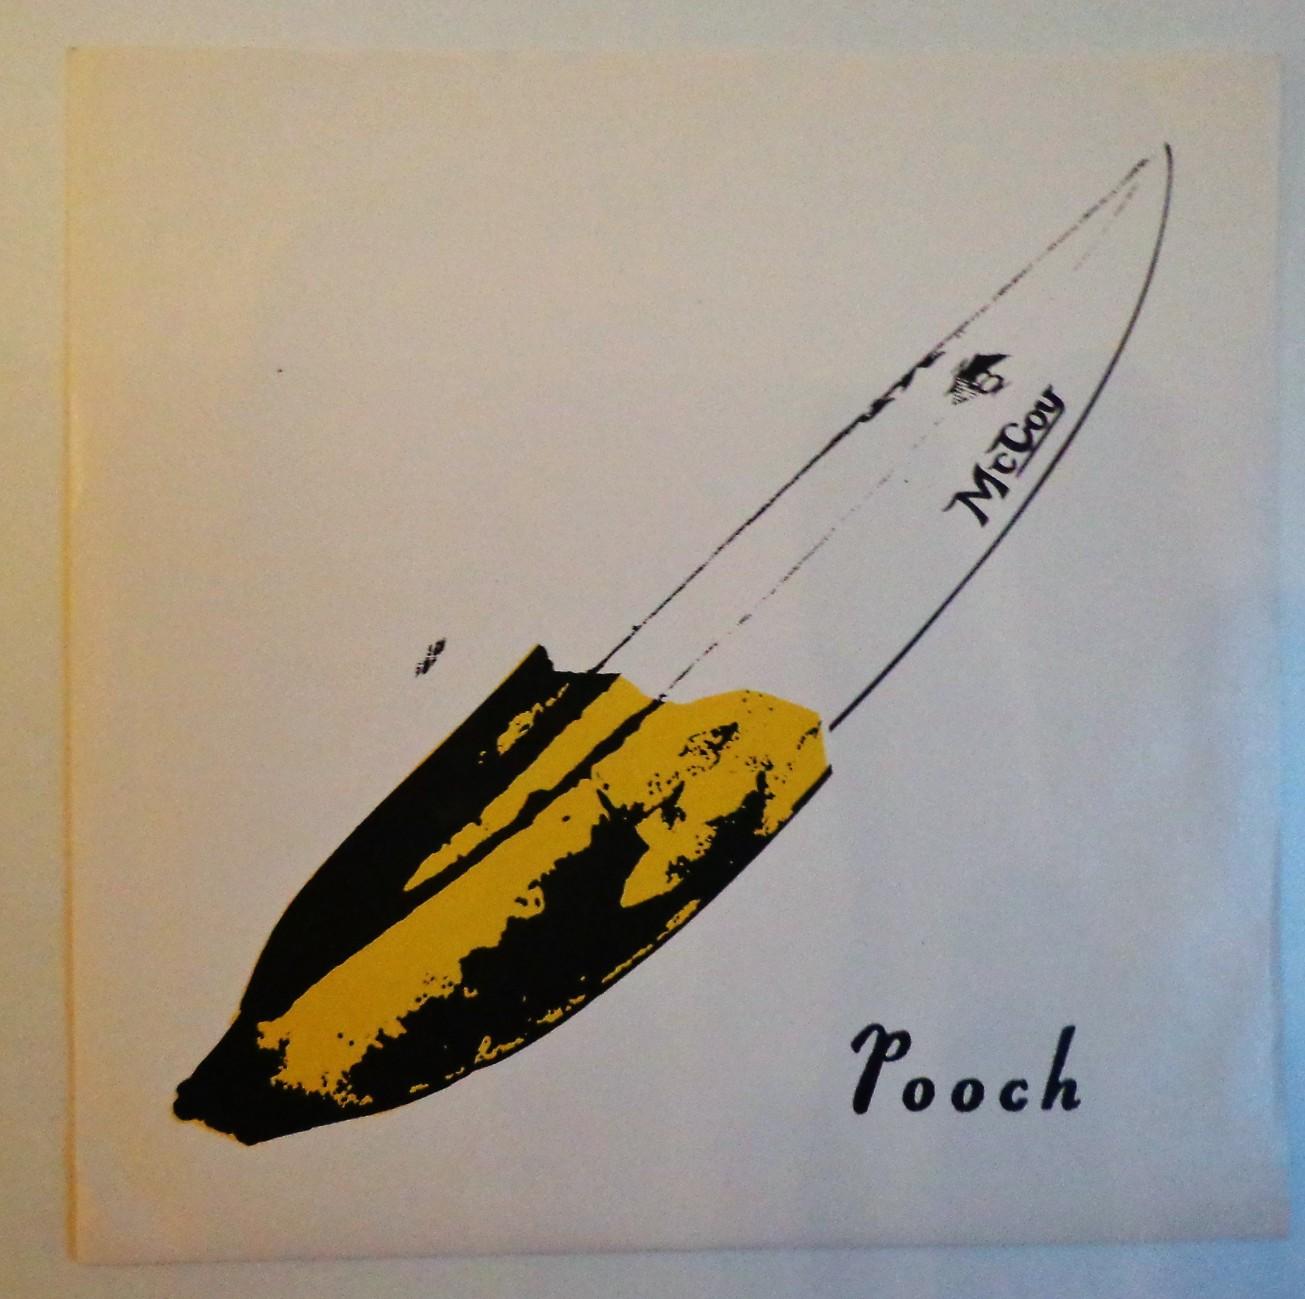 Pooch 1